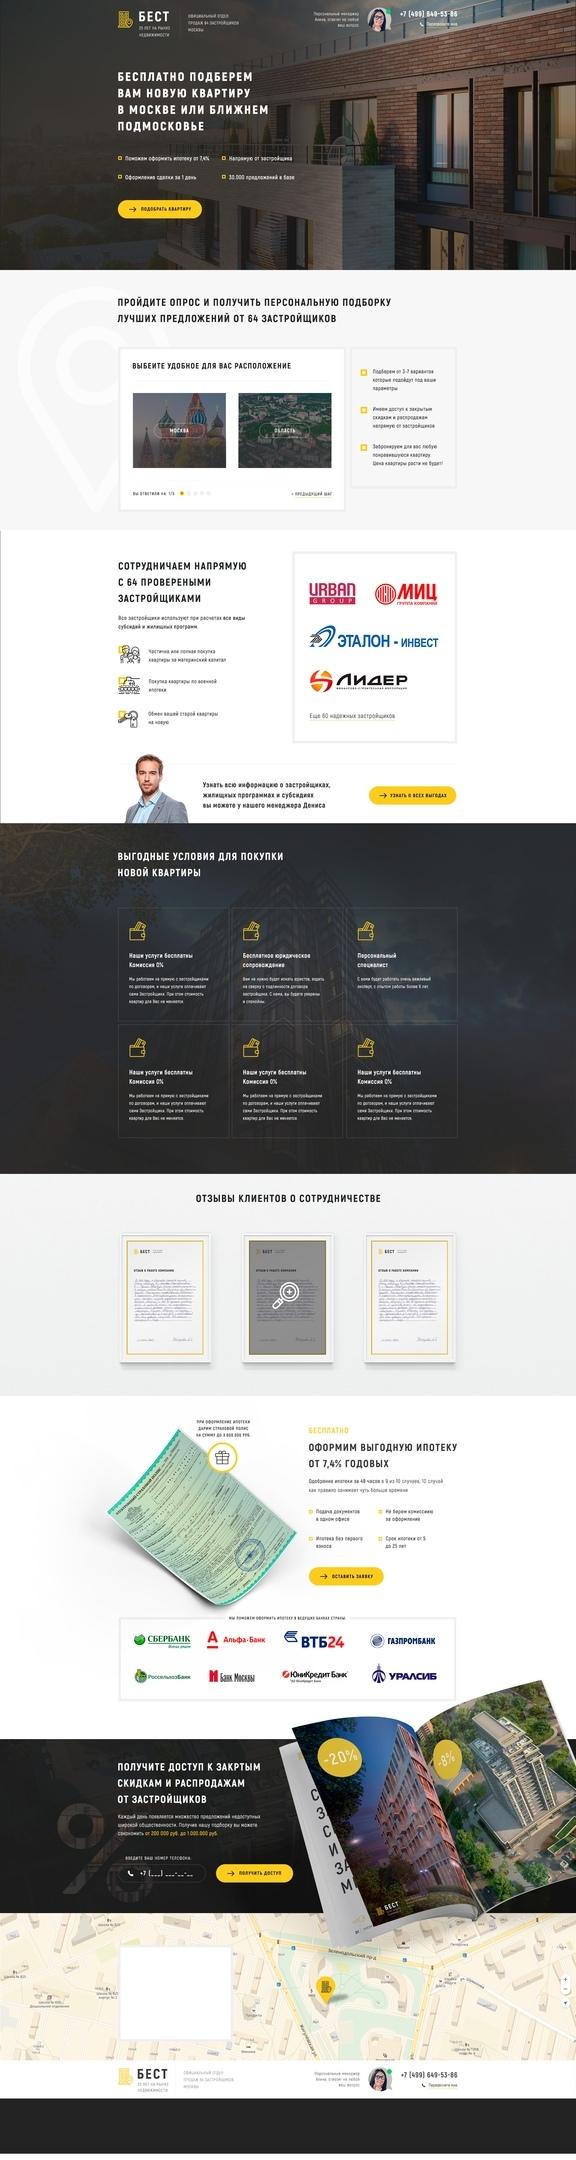 Кейс: 53 заявки по 556 рублей на продажу недвижимости в Москве через контекстную рекламу, изображение №7